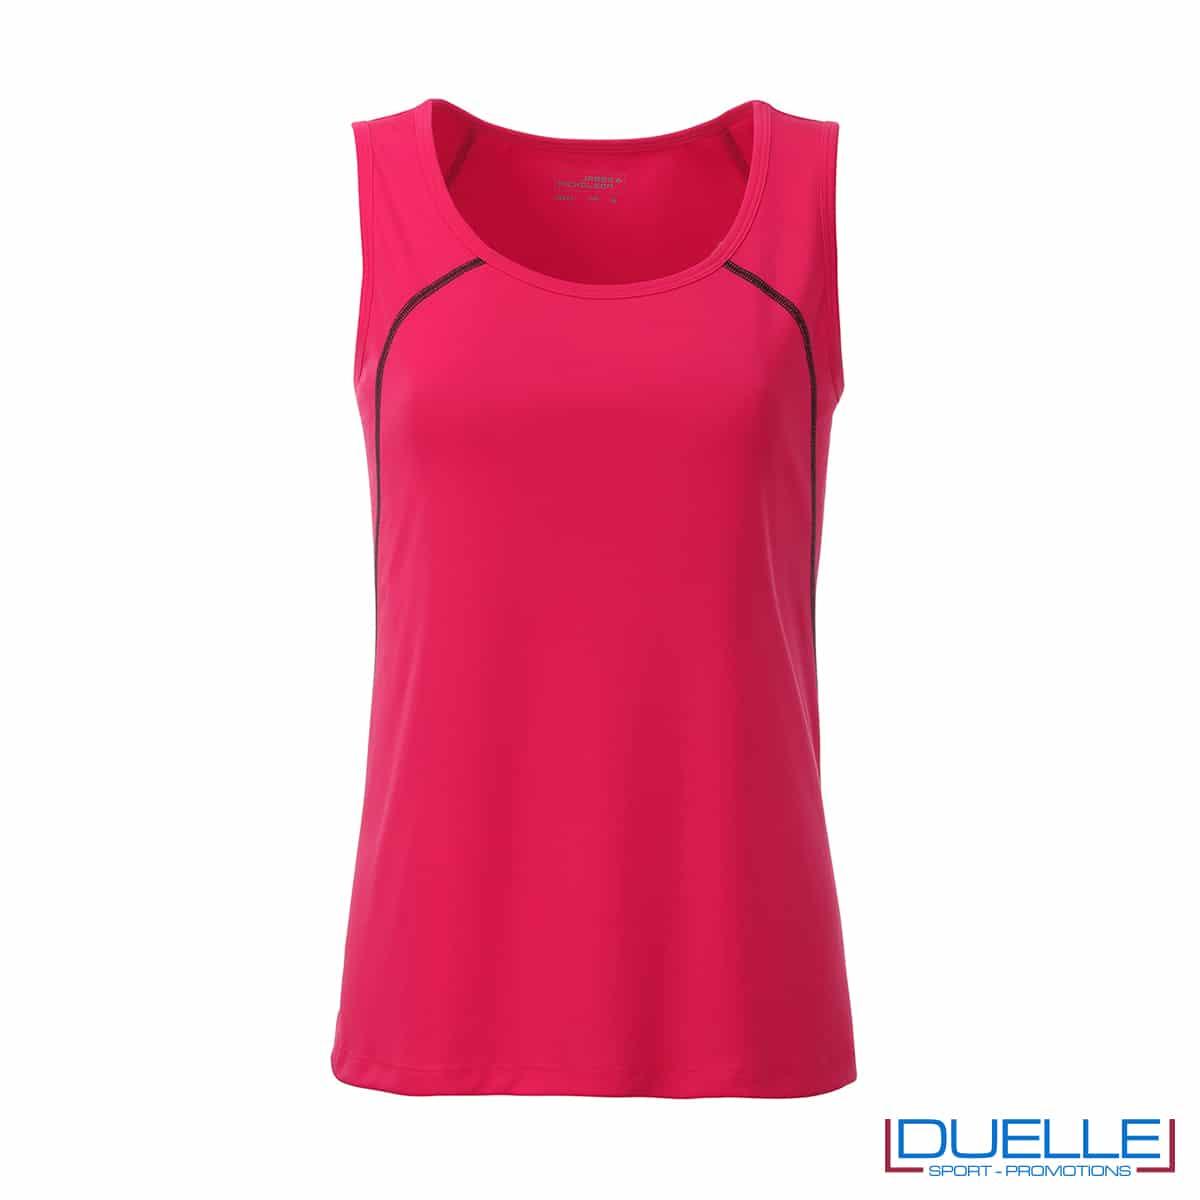 Canotta donna sport traspirante colore rosa